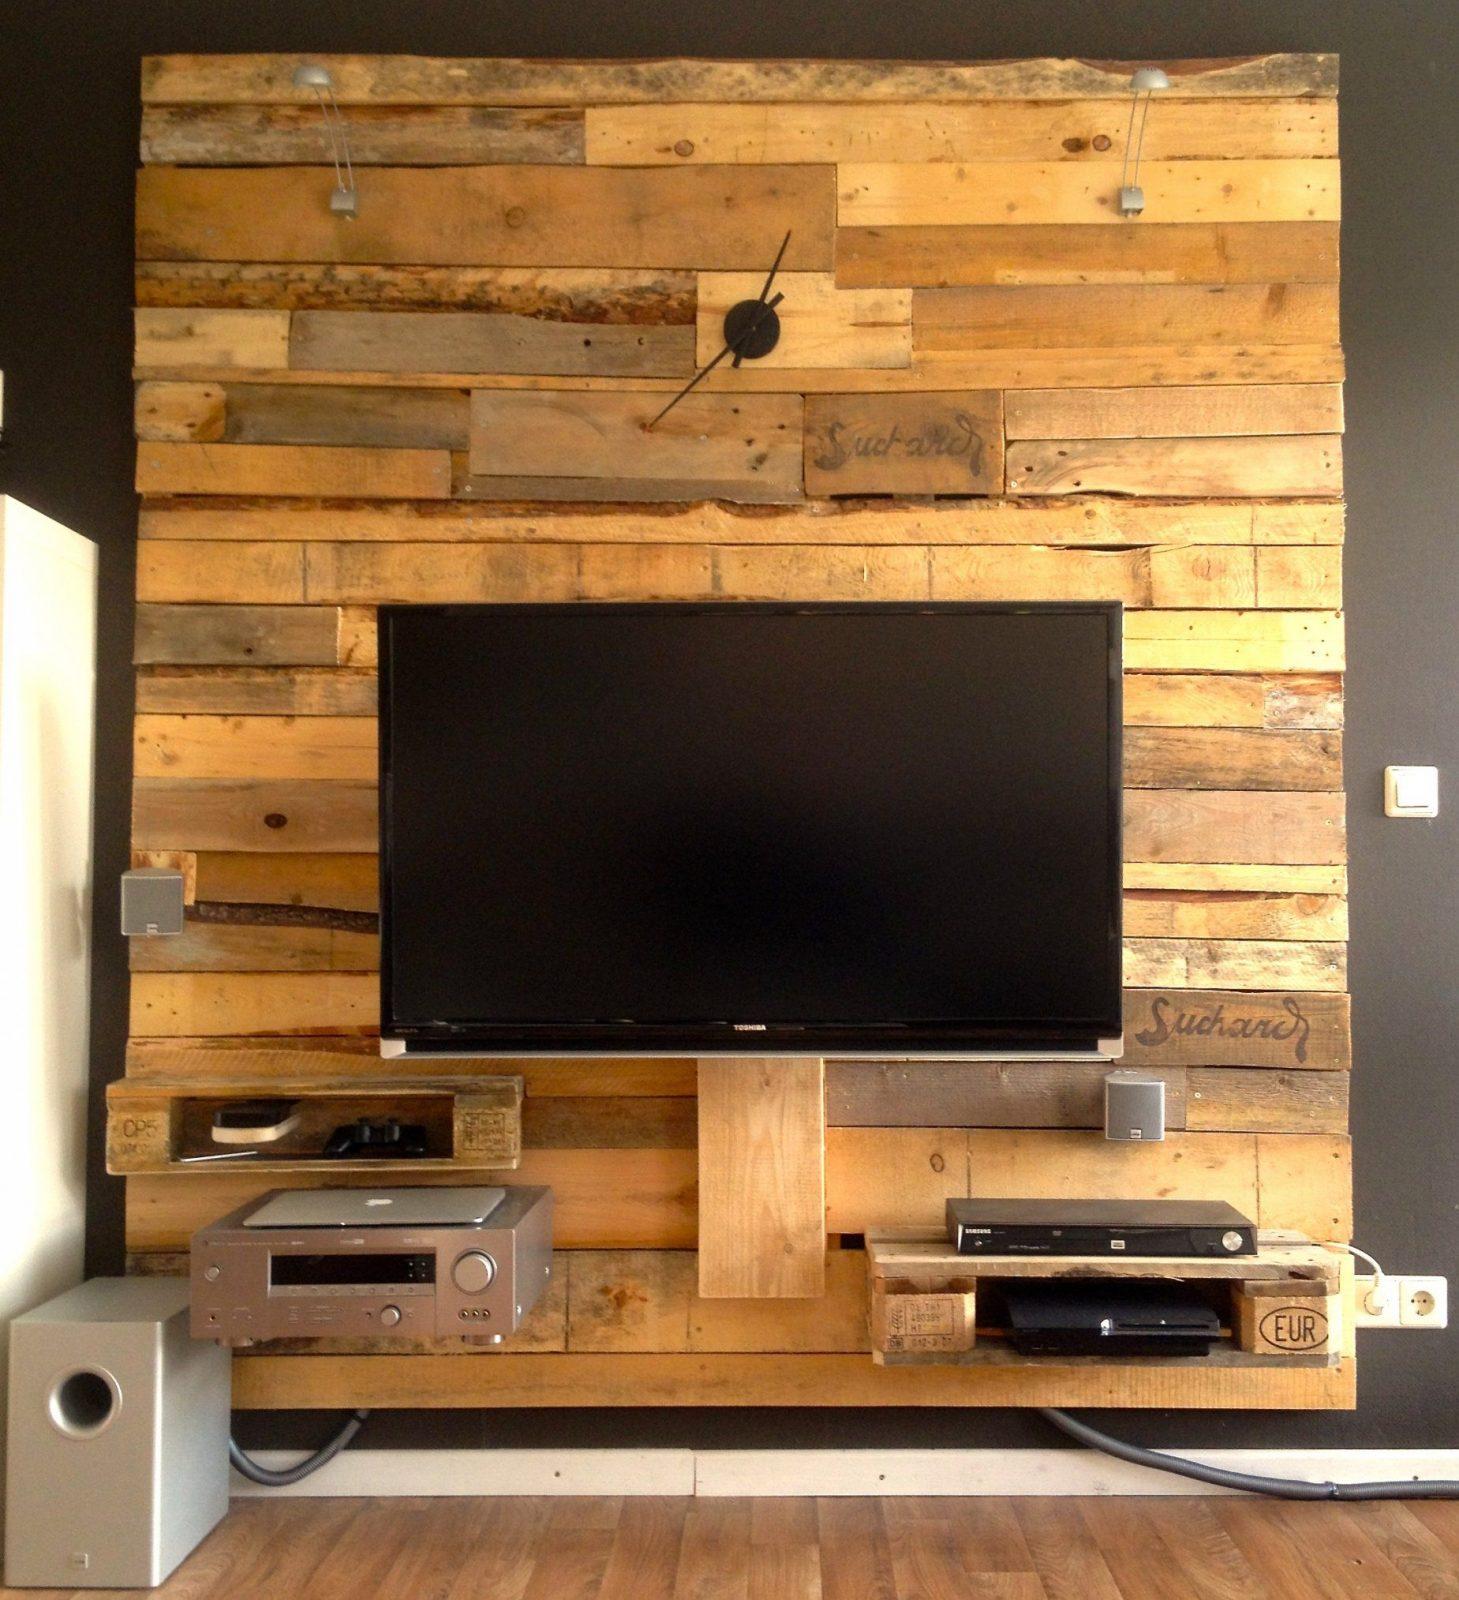 Tv Wandverkleidung Auf Innen Und Aussen Architektur Tile Kleines von Wandverkleidung Holz Selber Bauen Photo